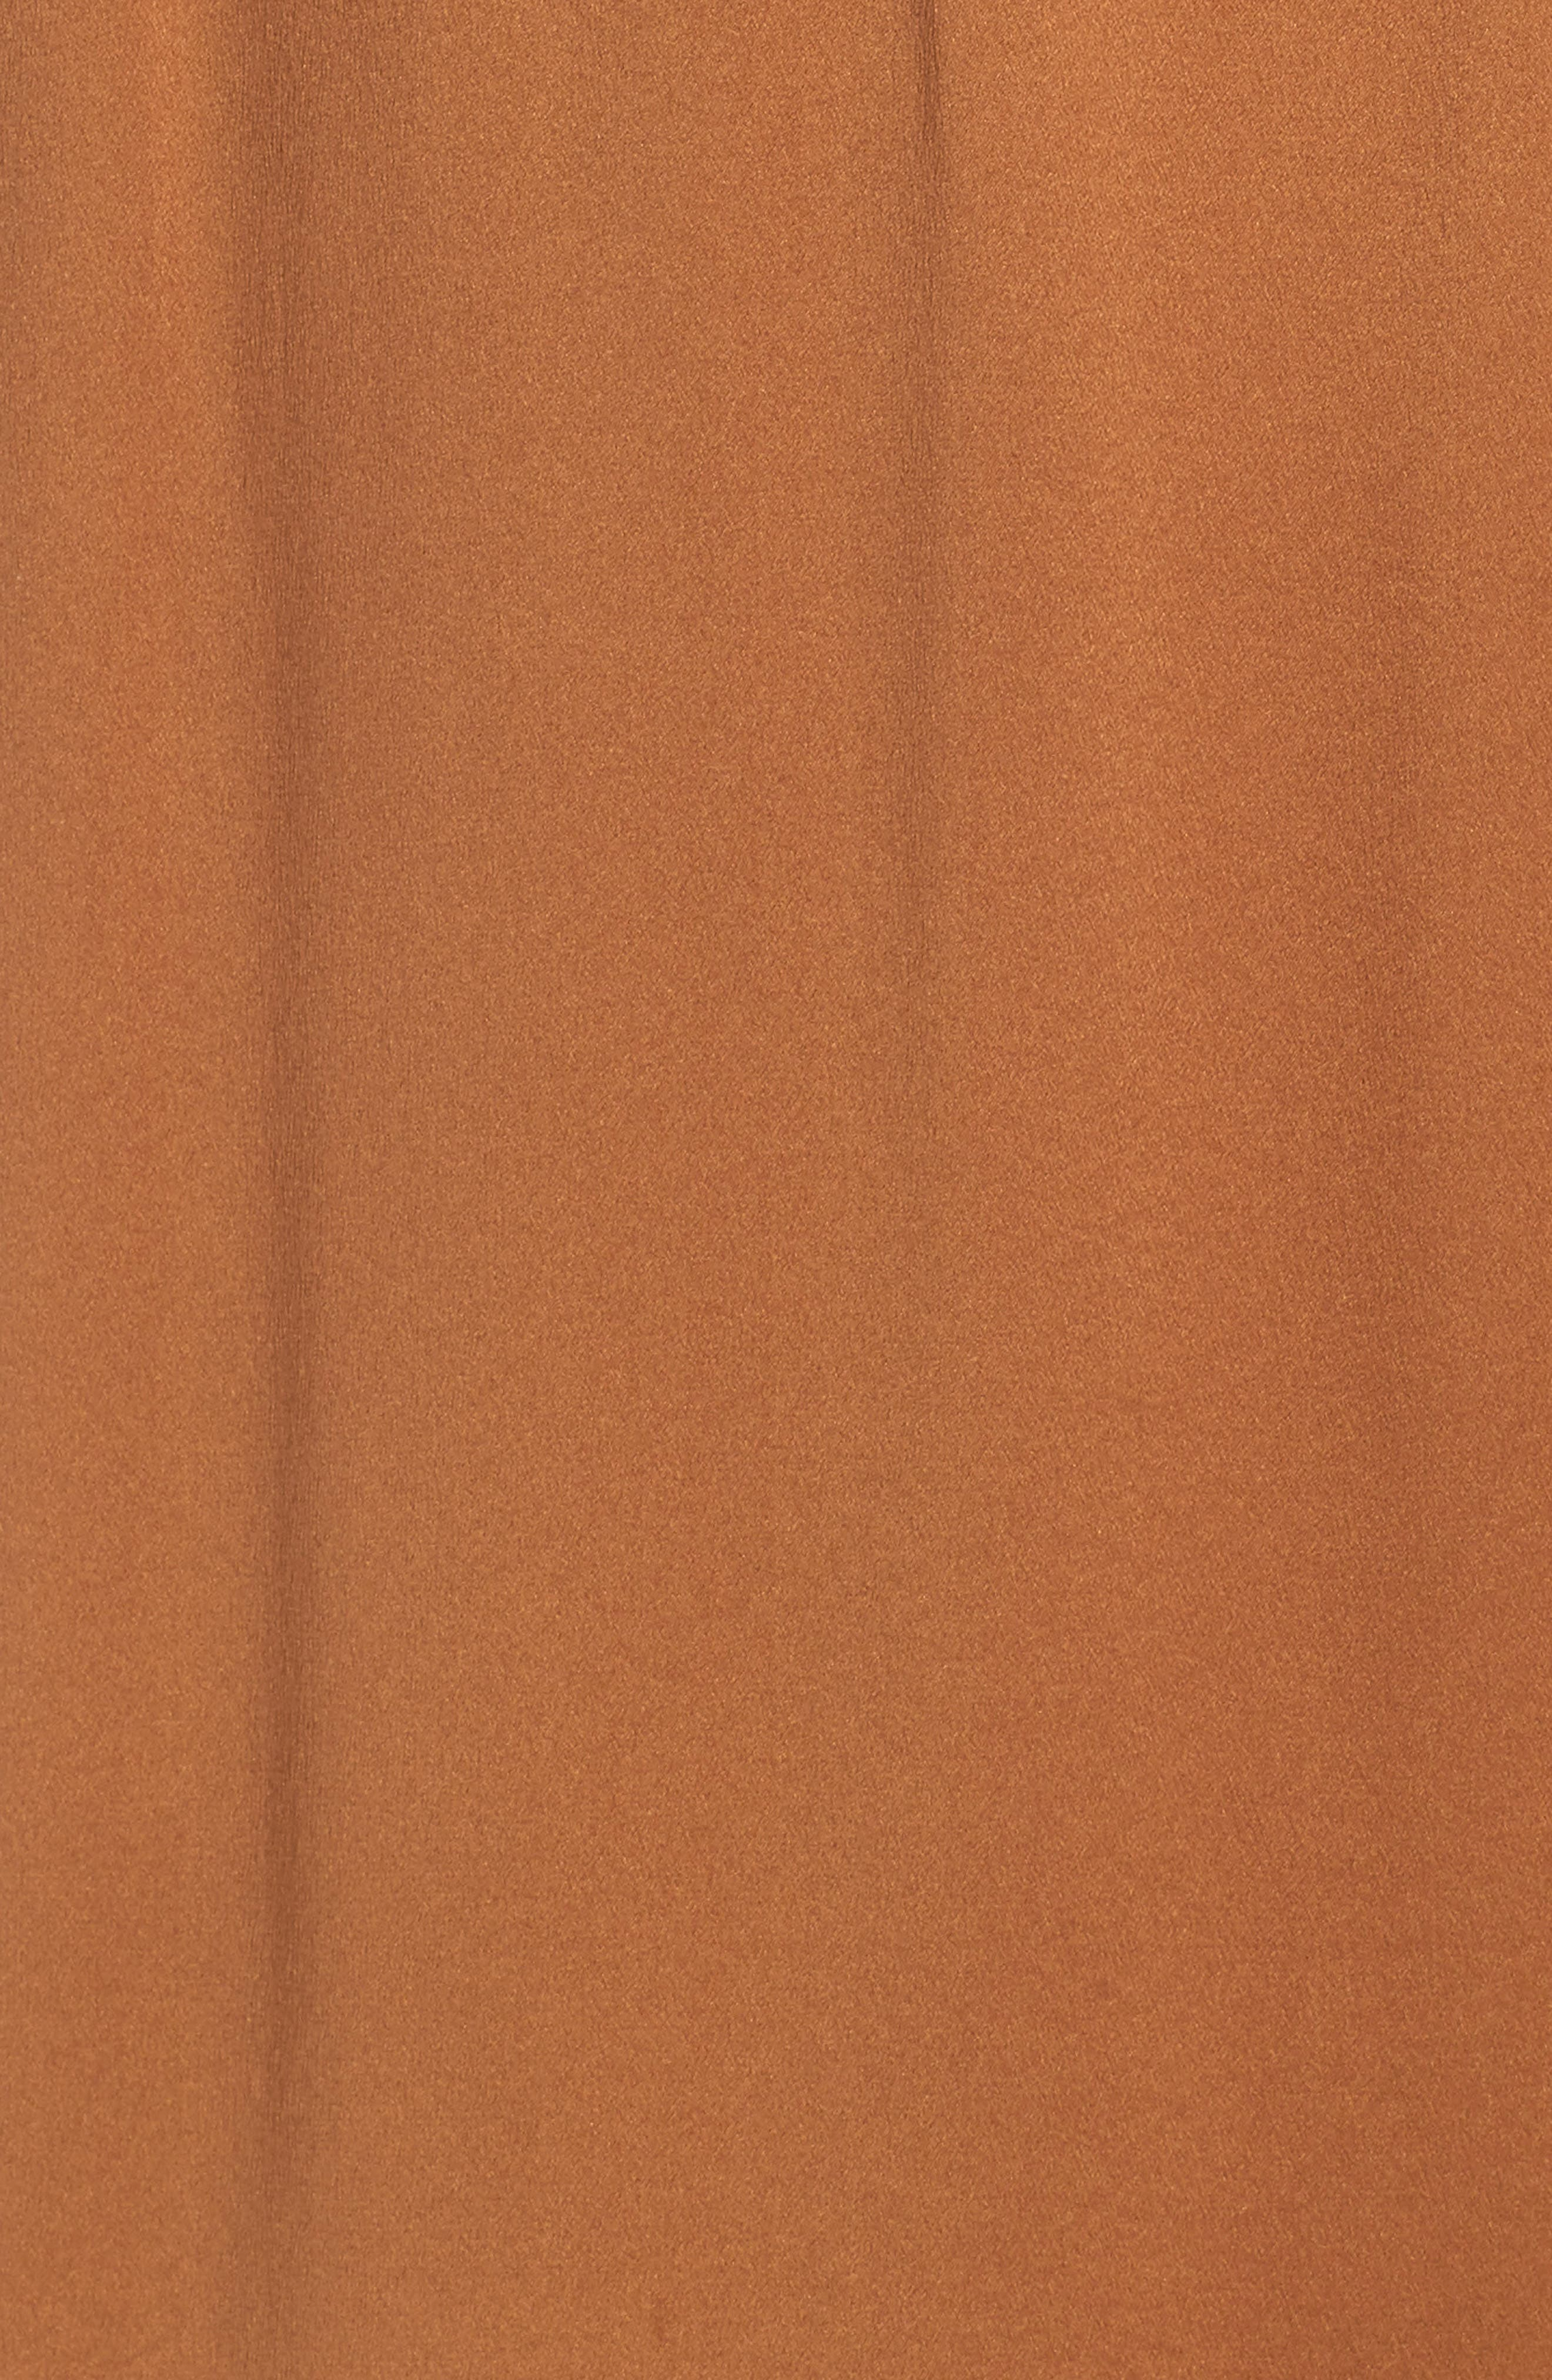 Drape Panel Silk Skirt,                             Alternate thumbnail 5, color,                             LIGHT COPPER